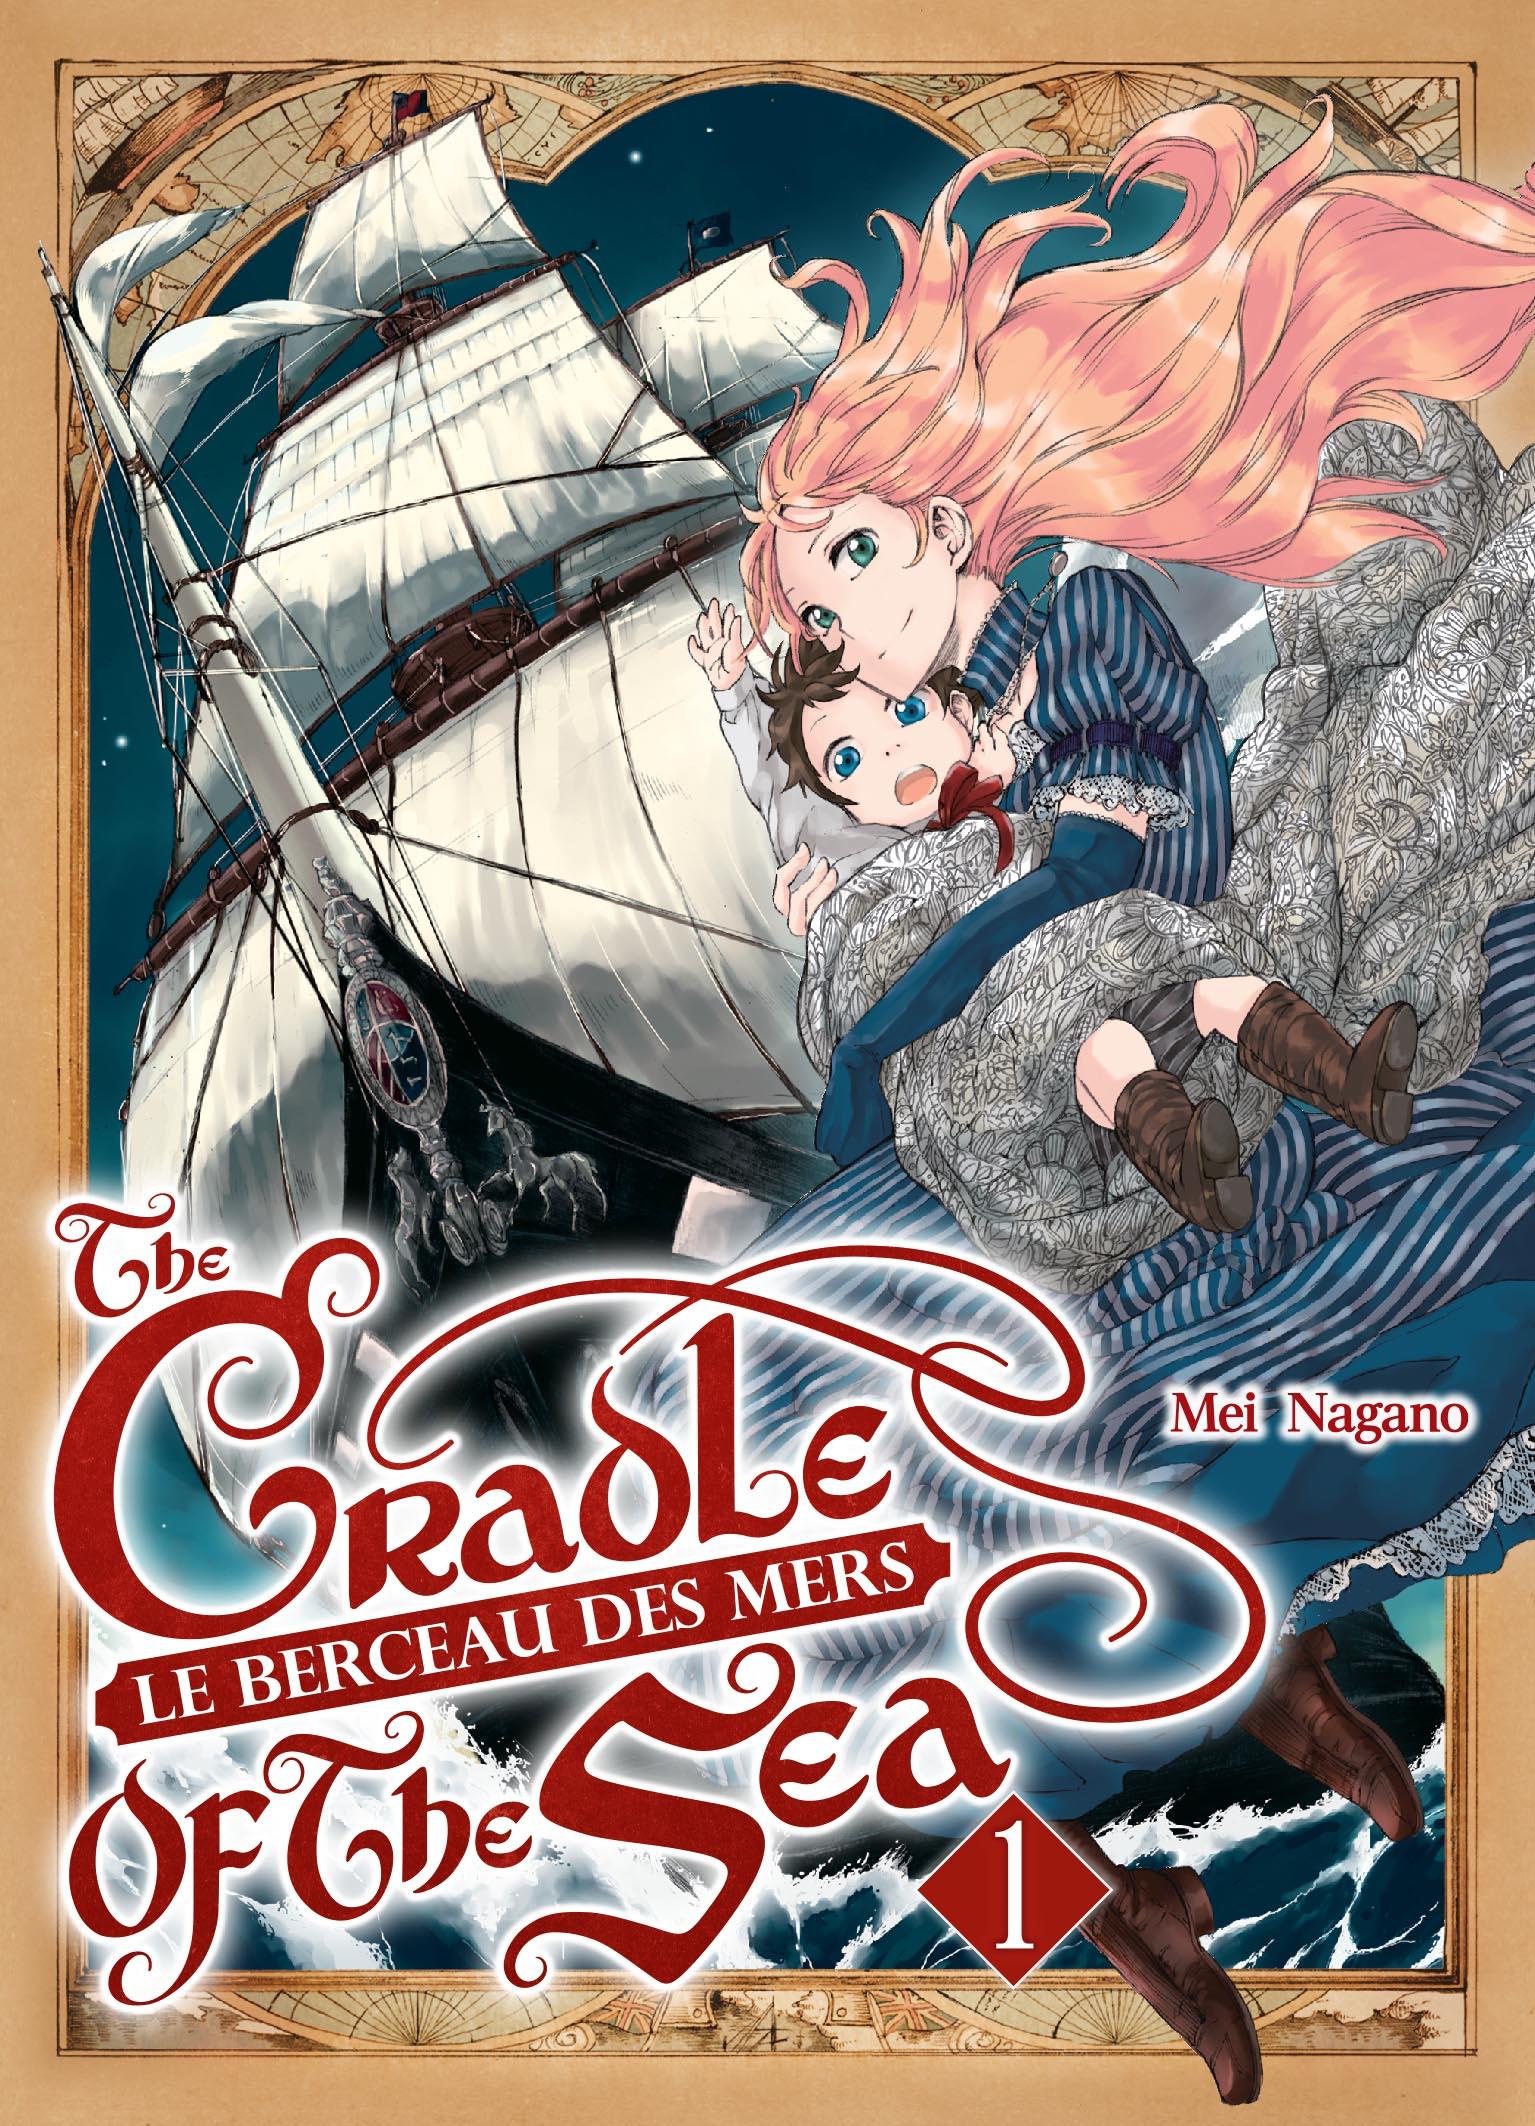 Mangas/Animés: Titres japonais, anglais ou français? - Page 2 Le-berceau-des-mers-manga-volume-1-simple-229458